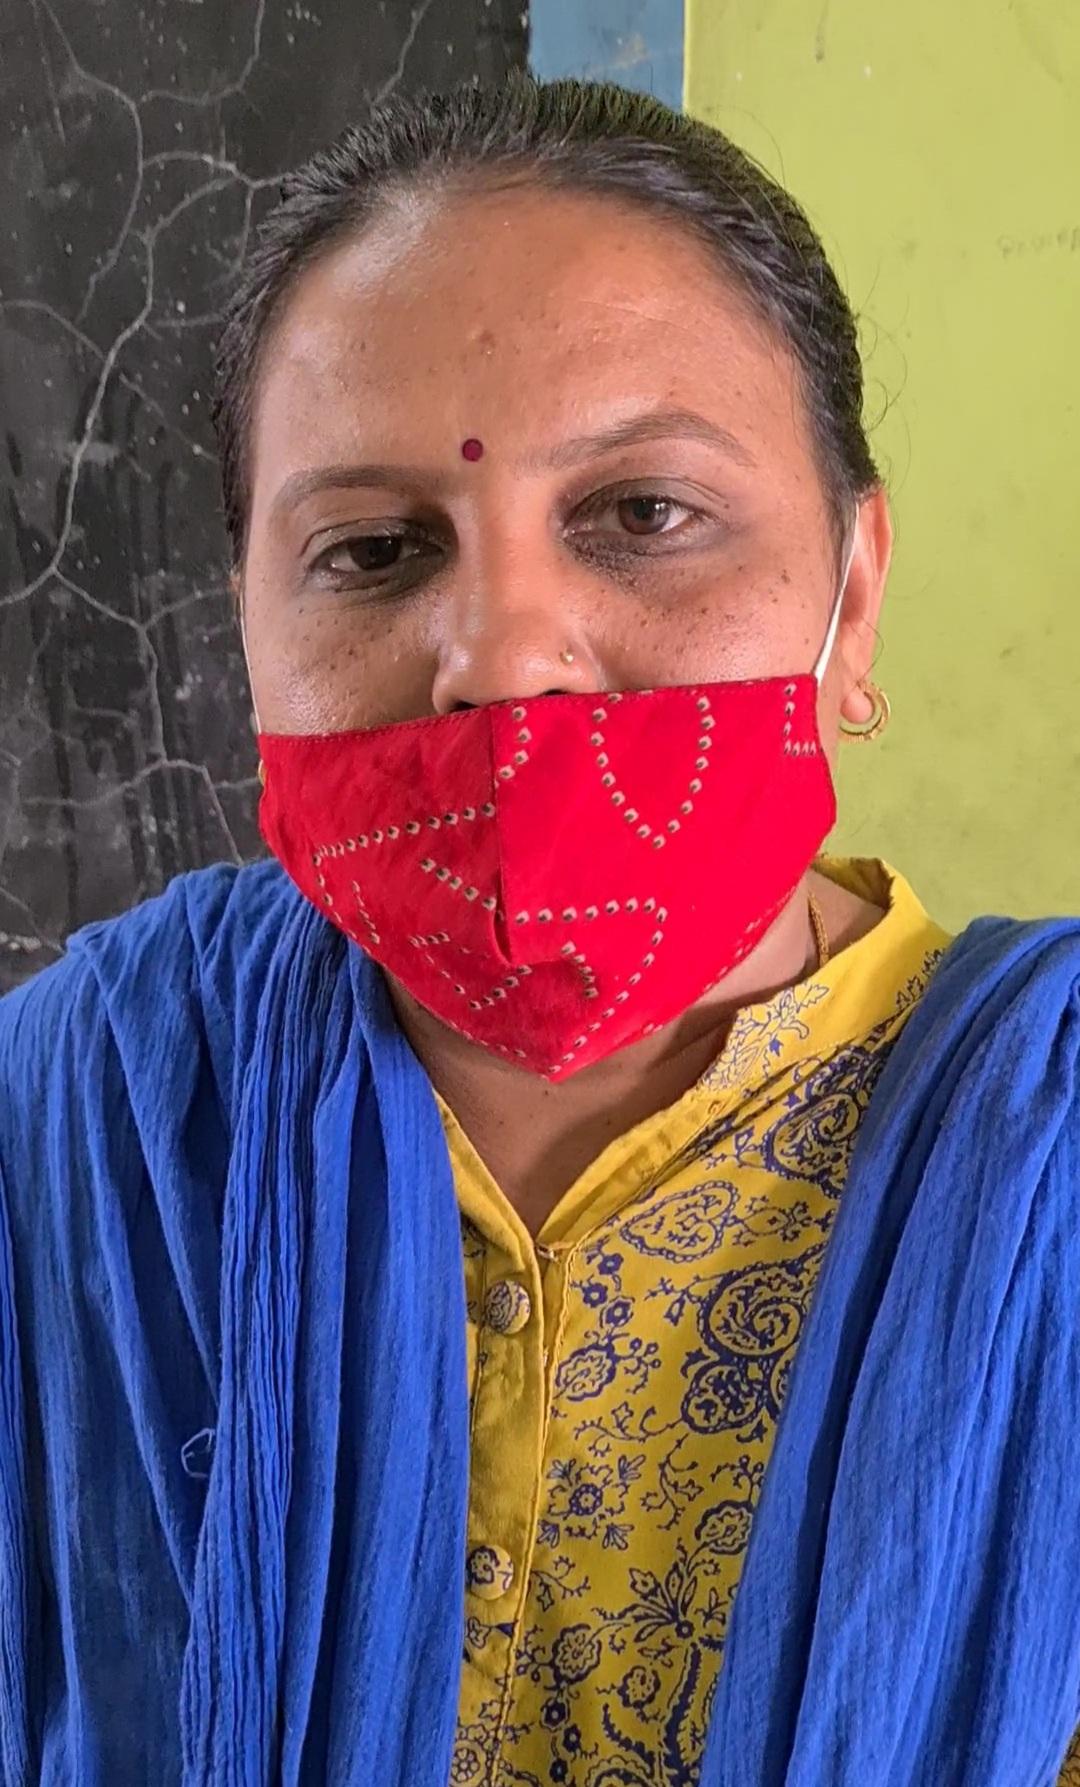 વૈશાલીબેન શેઠ, શિક્ષક